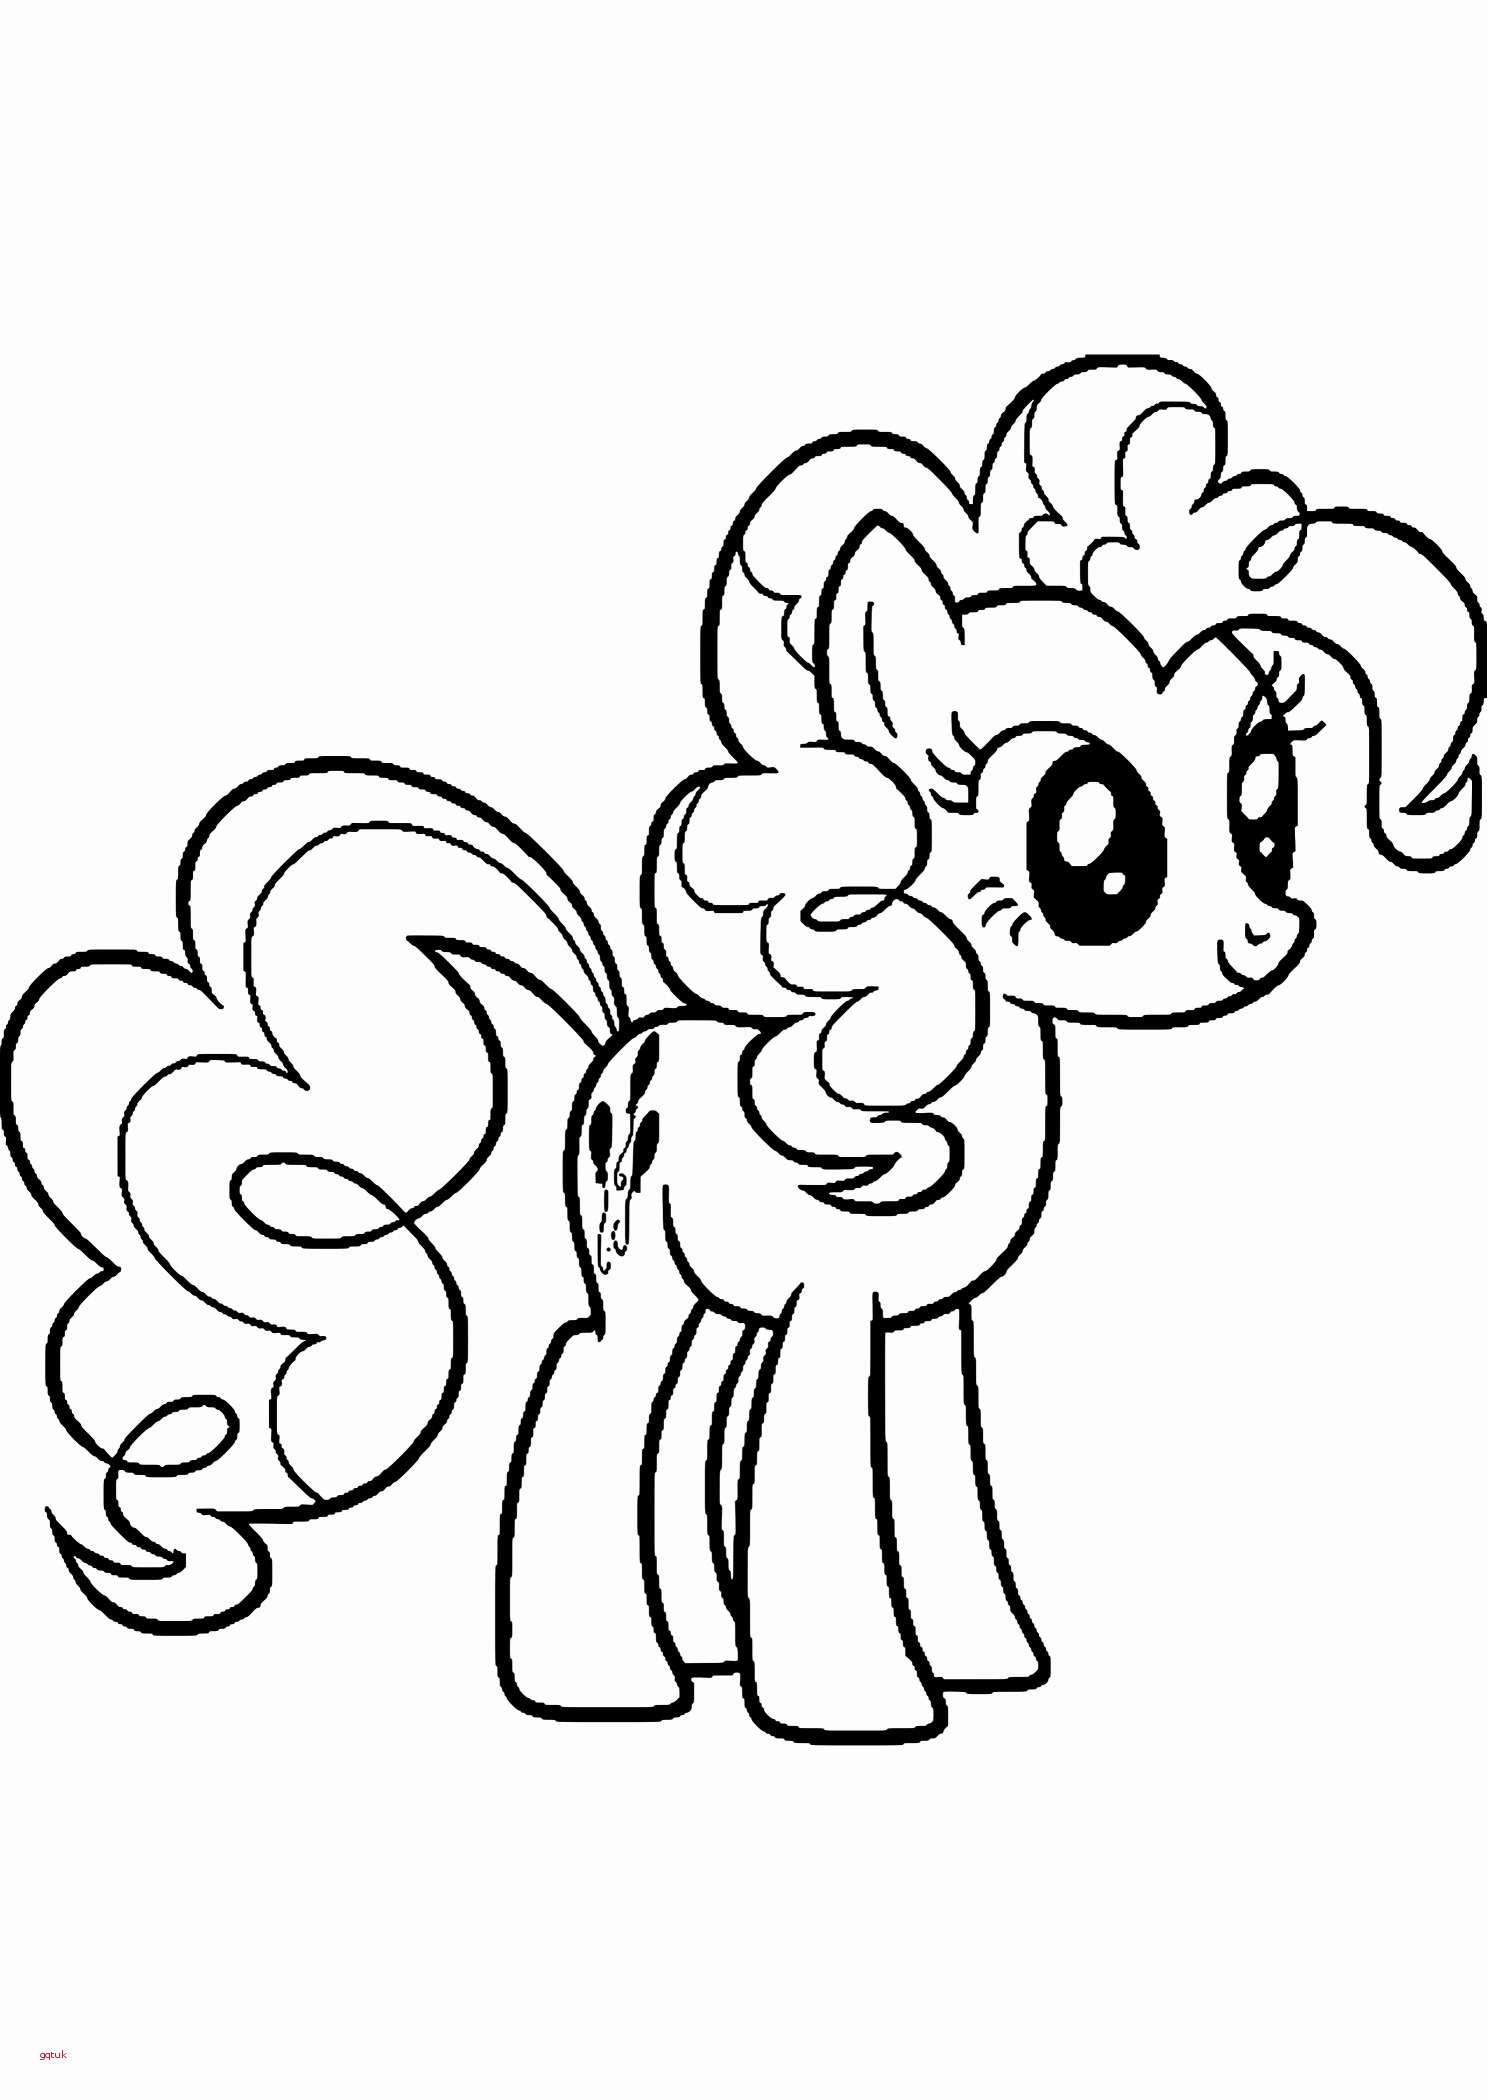 Ausmalbilder My Little Pony Equestria Einzigartig Equestria Girls Pinkie Pie Coloring Pages Free Ausmalbilder My Bild